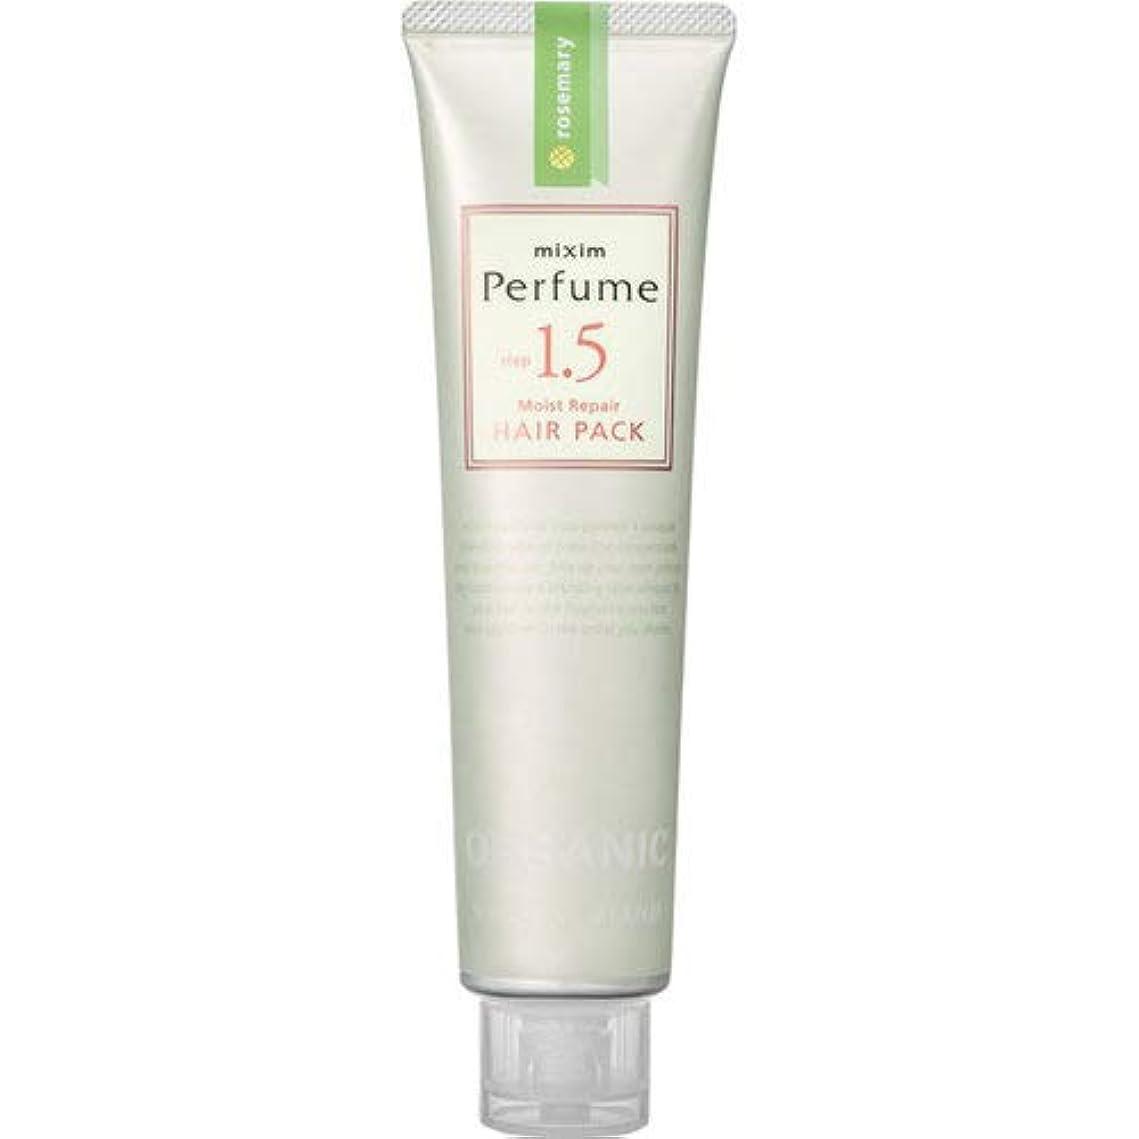 ボード余裕がある徴収mixim Perfume(ミクシムパフューム) モイストリペア ヘアパック 130g